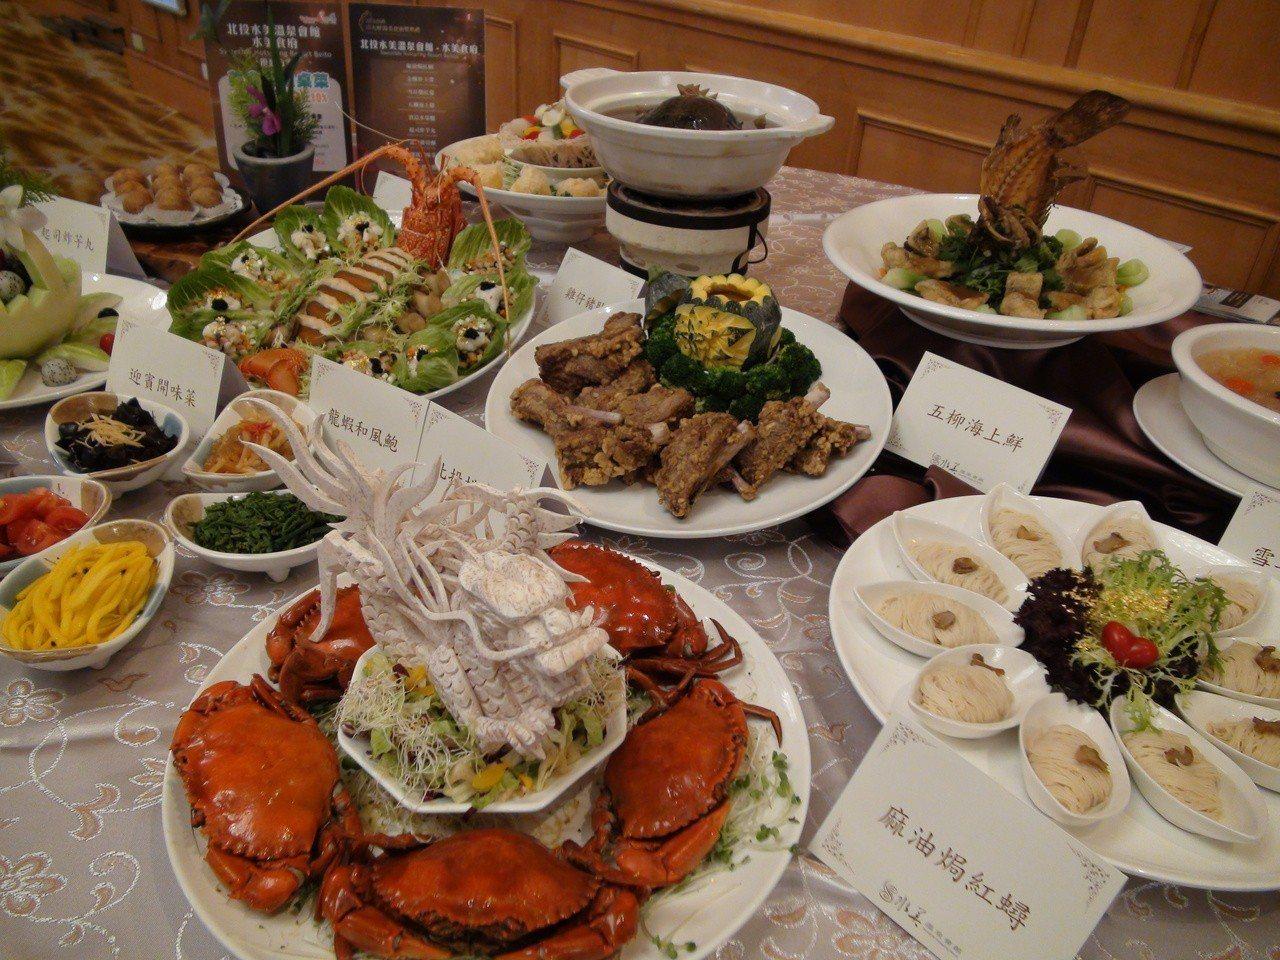 台灣的溫泉小鎮推養生又好吃的「溫泉美食」,經過專家評選,昨天在高雄漢來飯店辦發表...